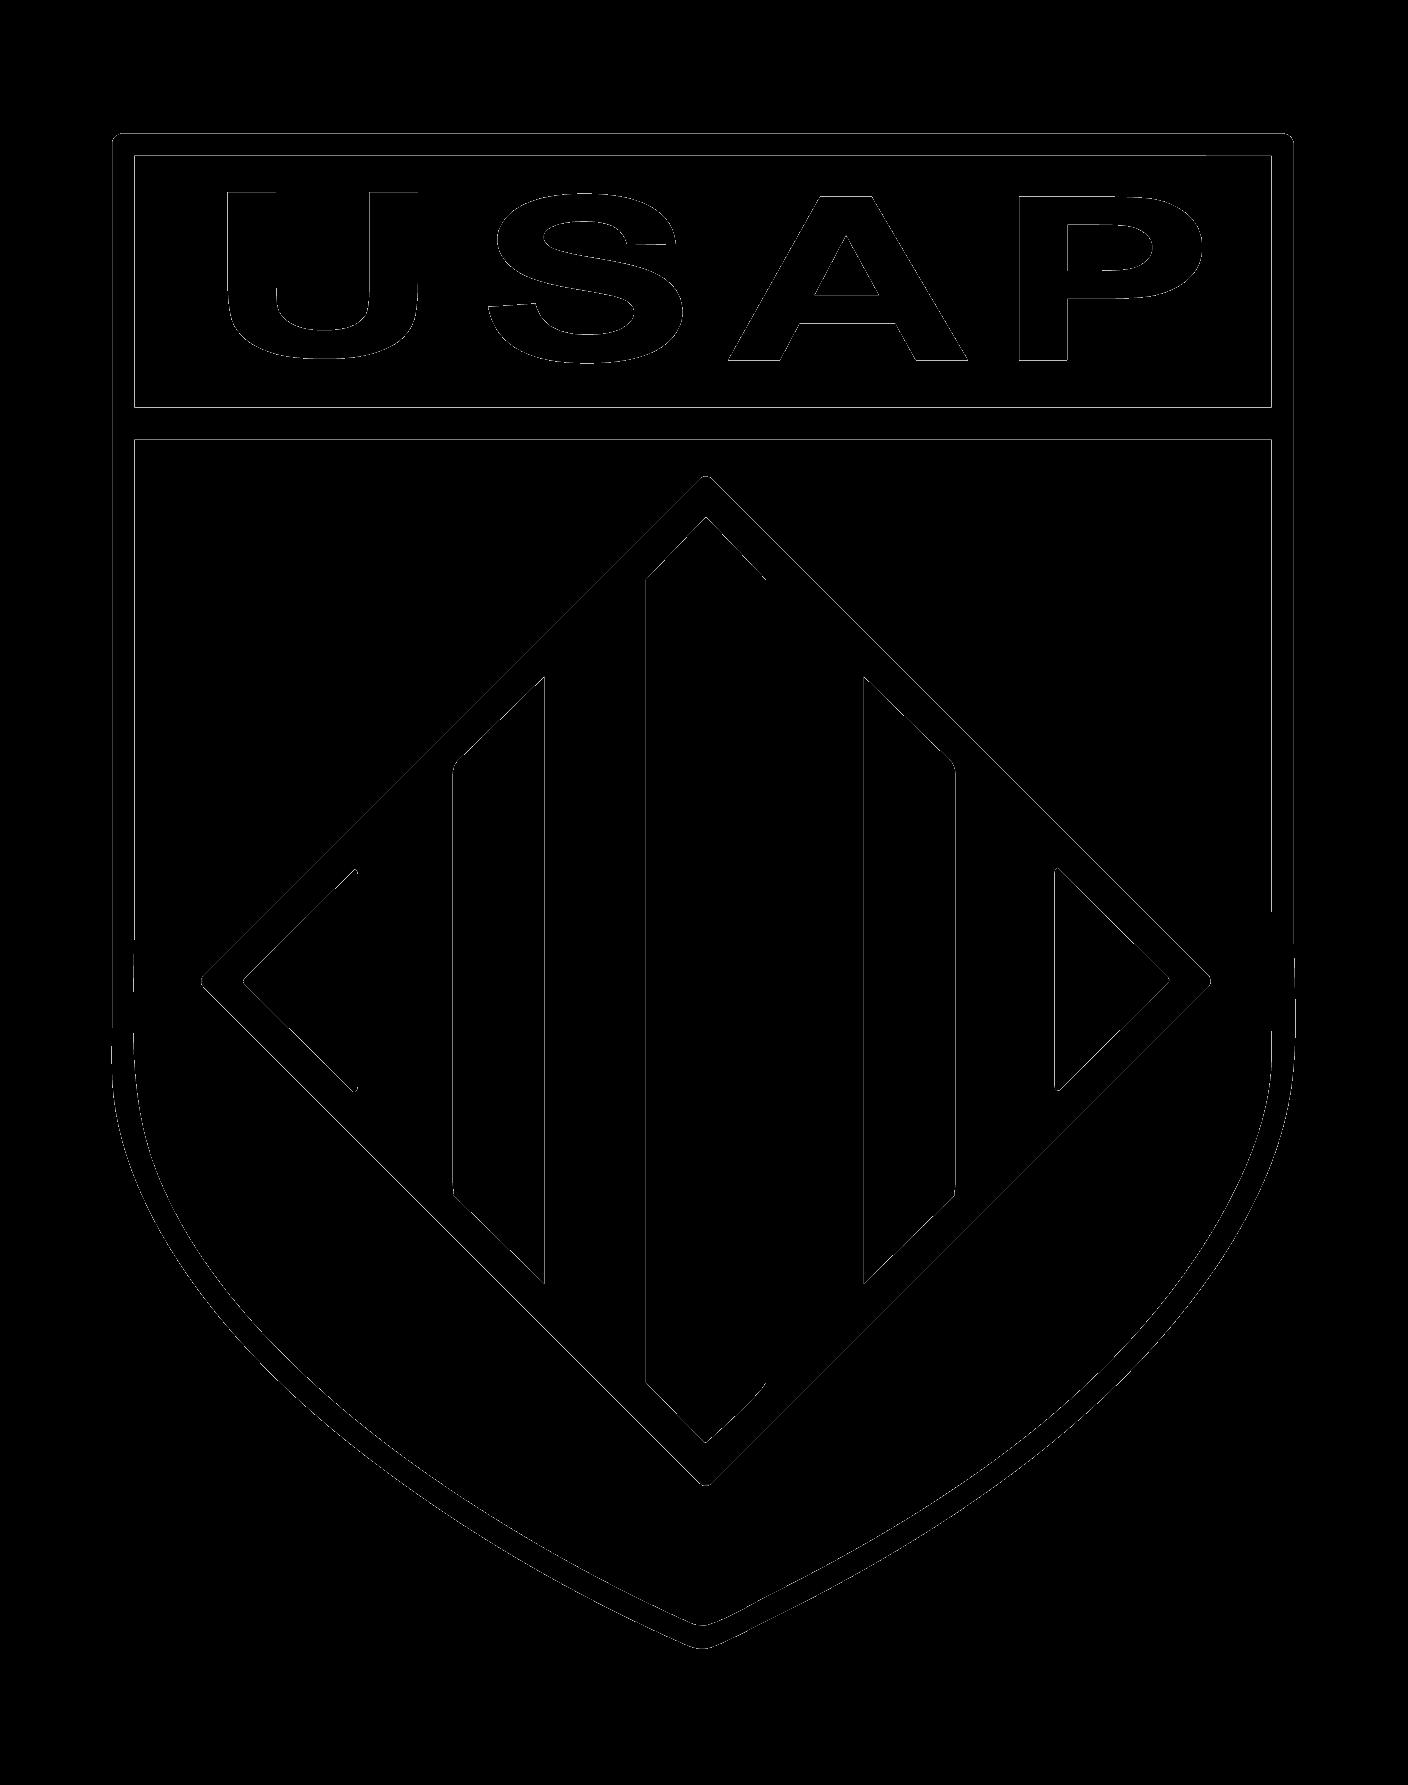 logo monochrome noir USAP